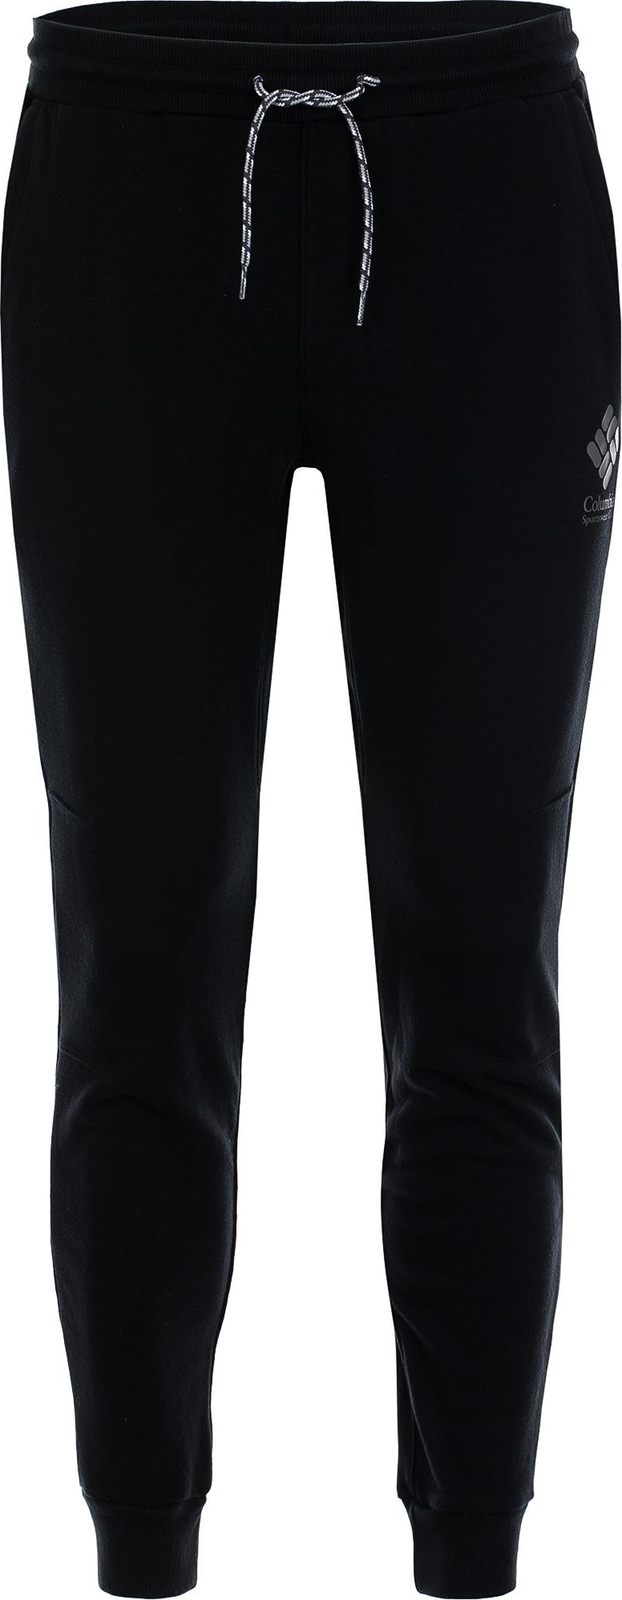 Брюки Columbia капри женские columbia csc w bugasweat capri jogger цвет черный 1837391 010 размер l 48